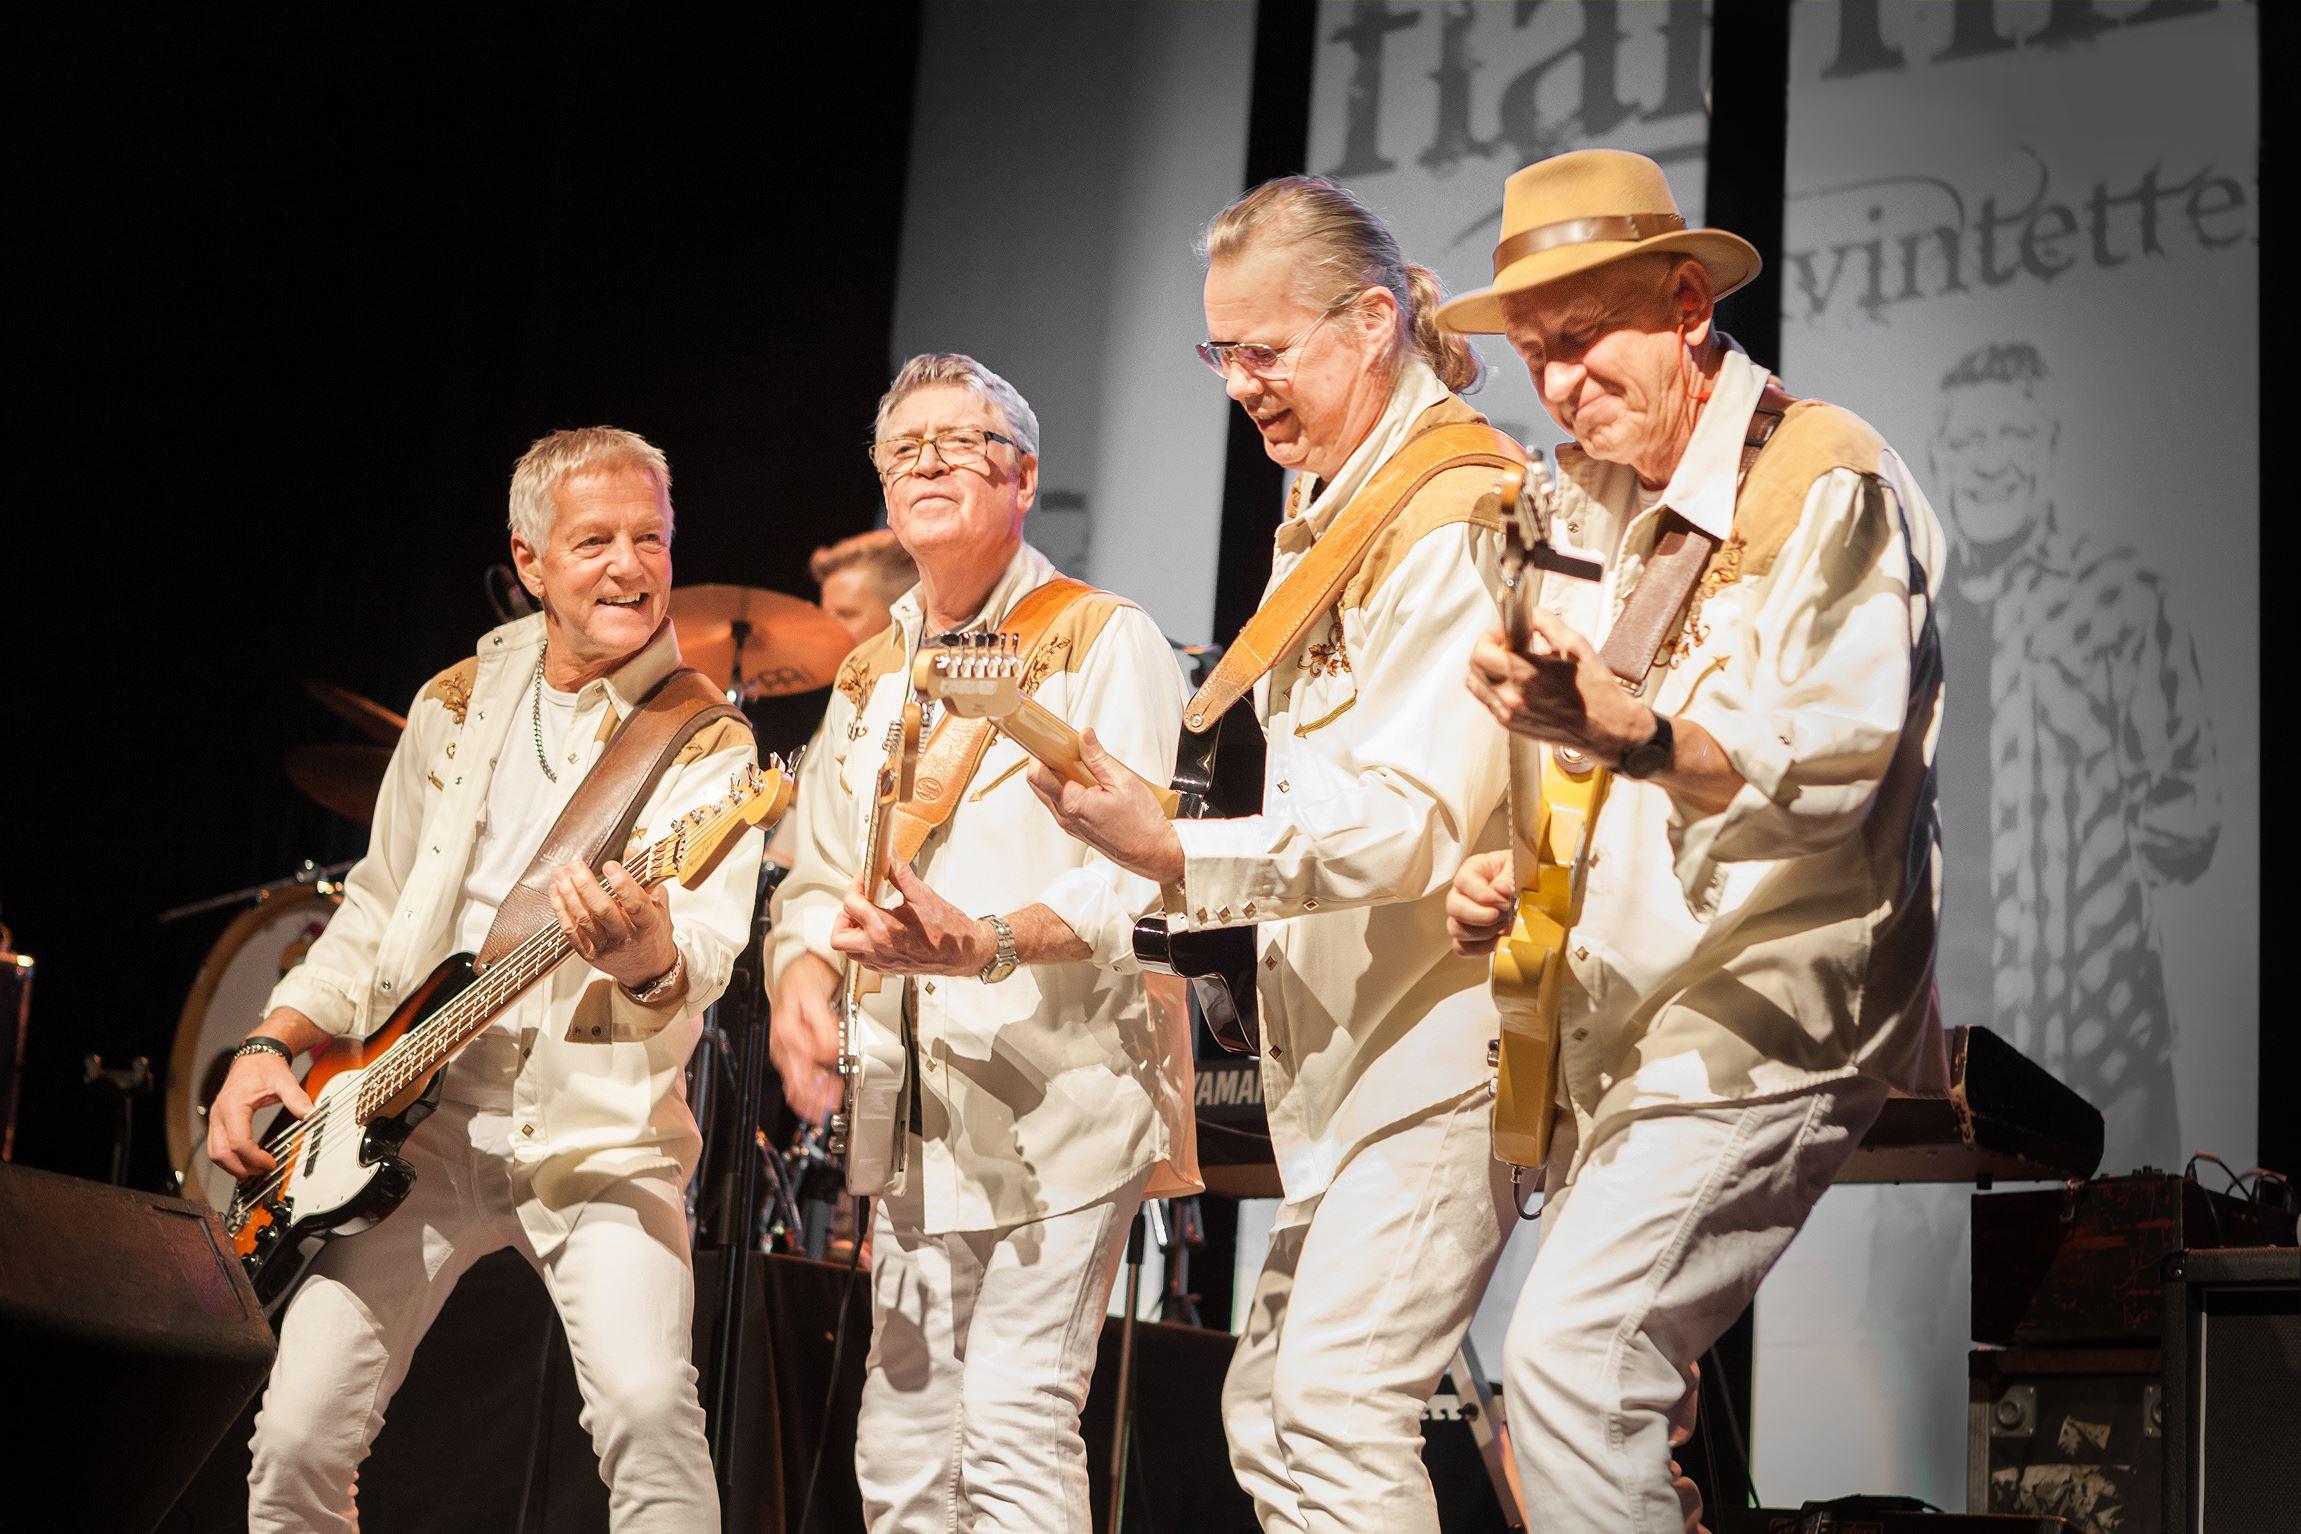 Musik: Flamingokvintetten - The boys are back in town